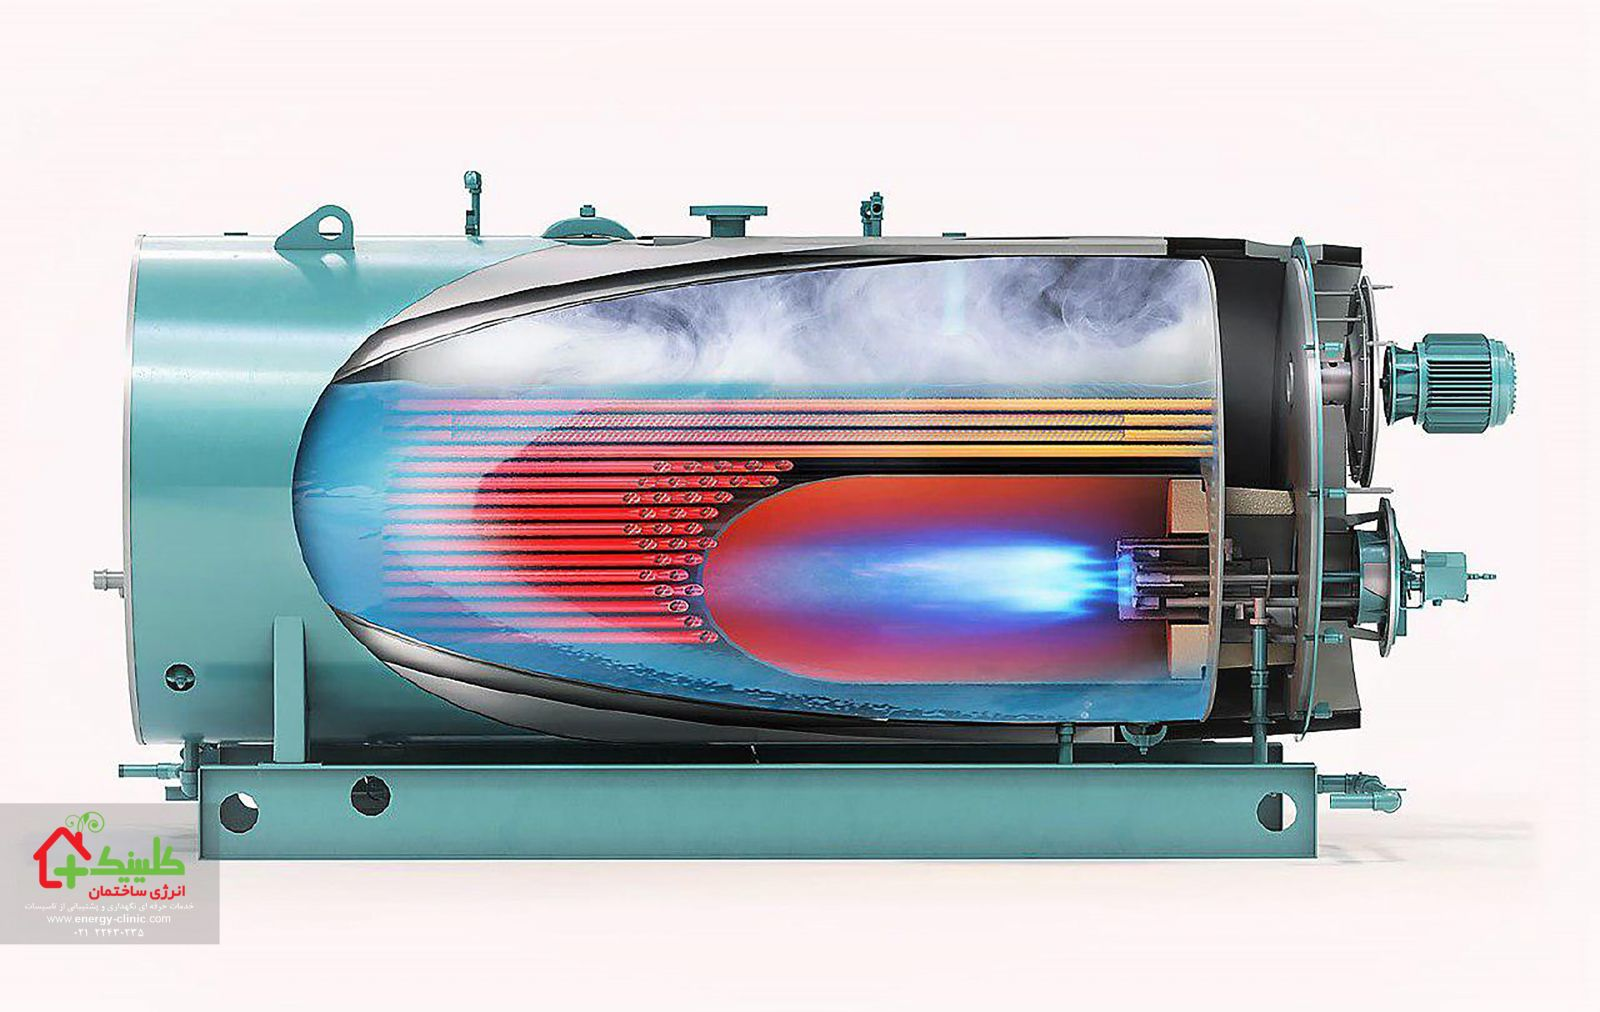 سیستم گرمایش مرکزی ساختمان تصویر برش خورده یک دستگاه دیگ فولادی